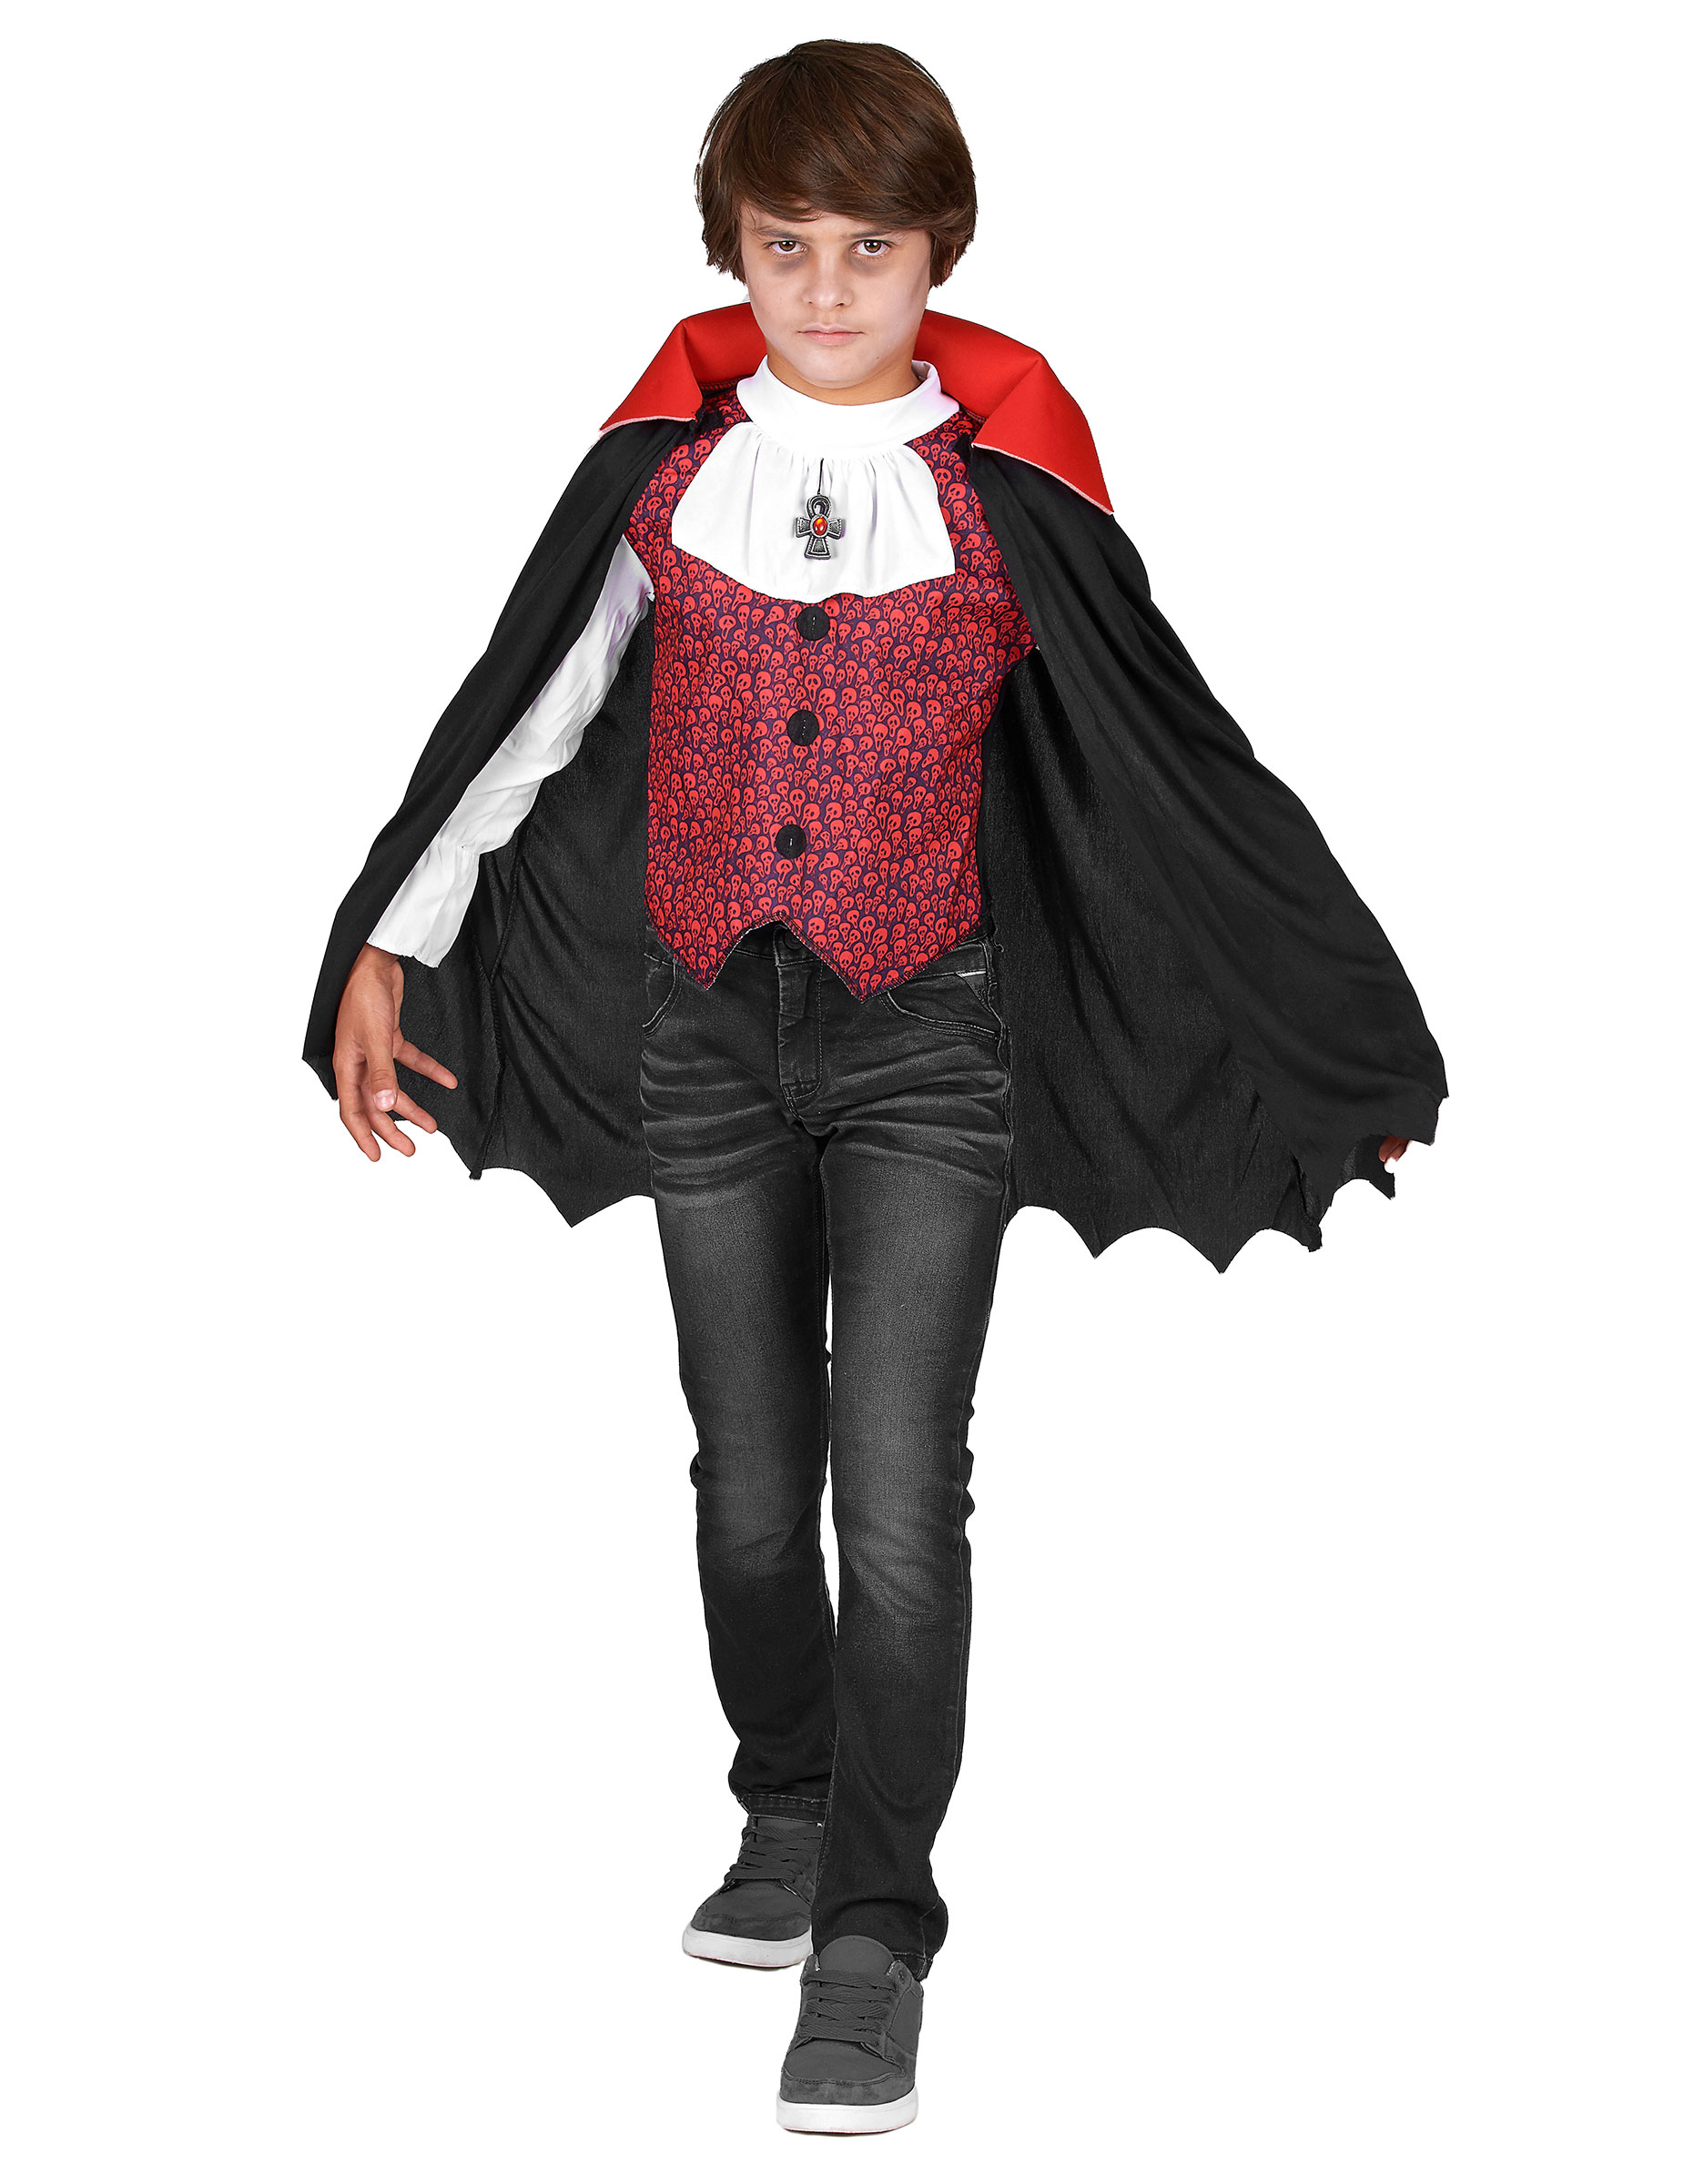 D guisement halloween enfant - Foto de garcon ...